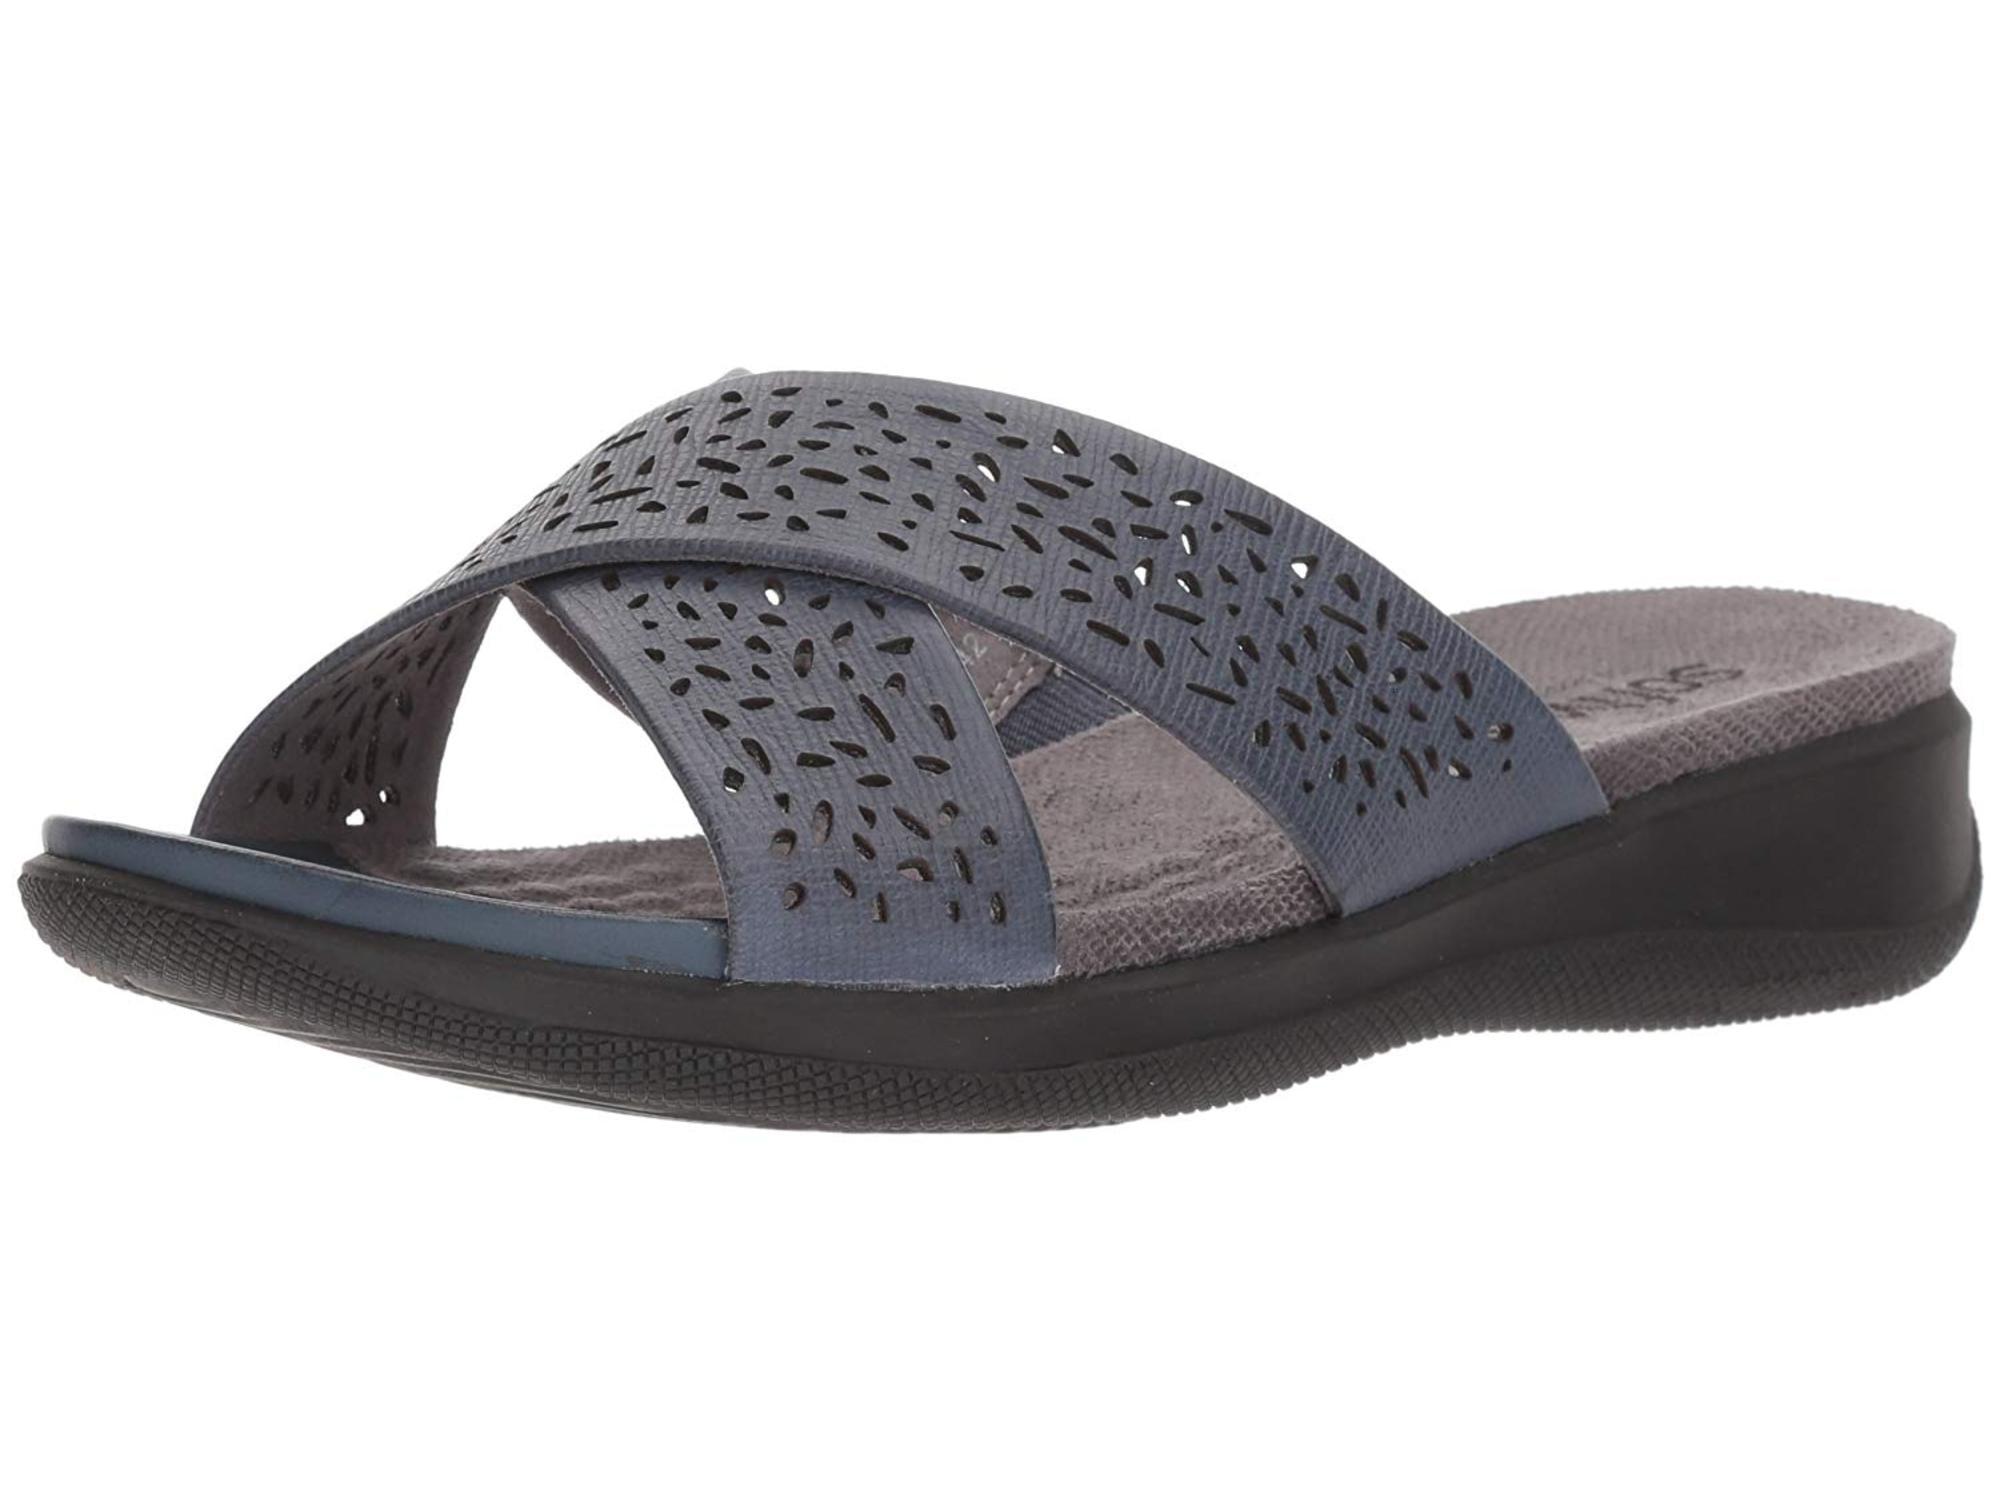 SoftWalk Womens tillman Fabric Open Toe Casual Slide Sandals by SoftWalk